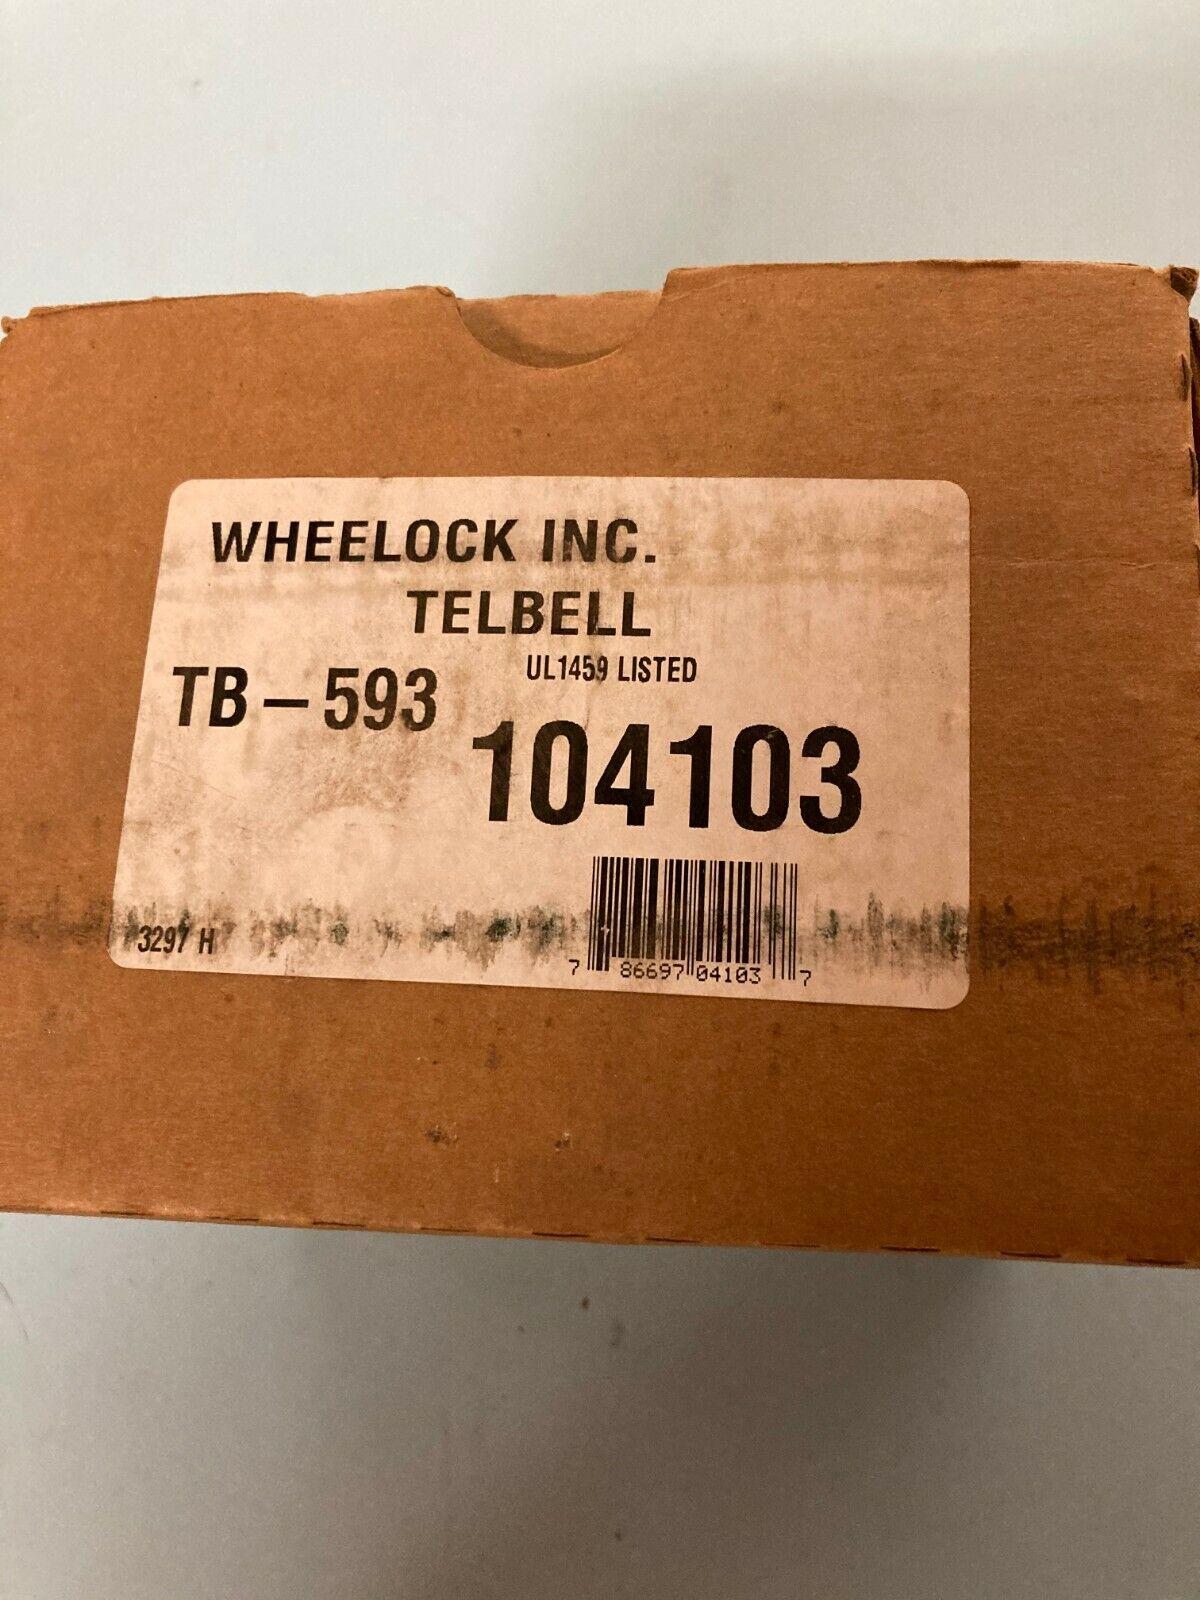 WHEELOCK INC.TELBEL TB-593 - $60.98